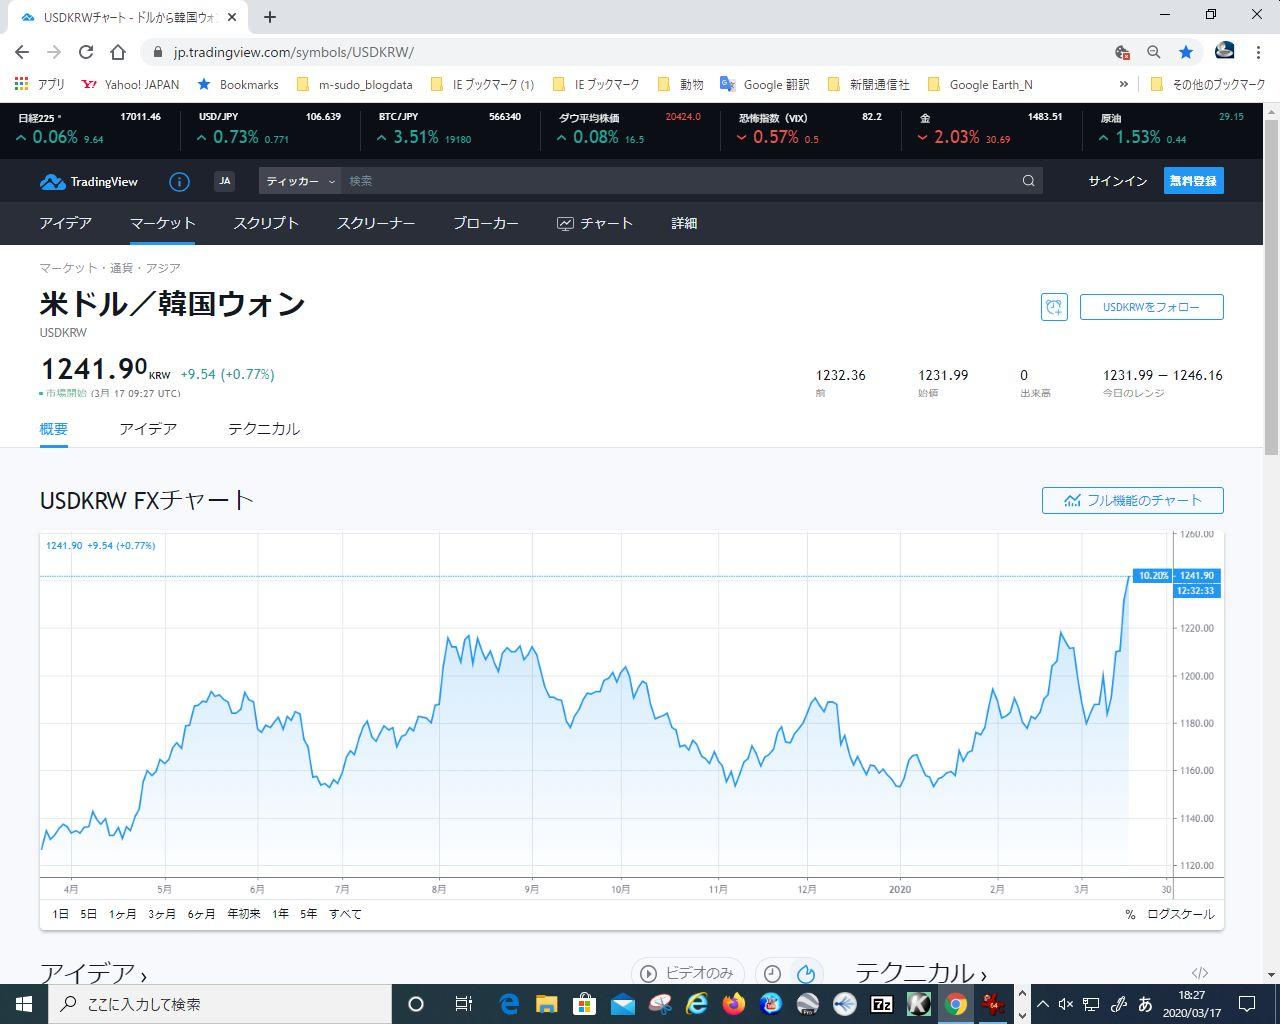 レート ドル ウォン